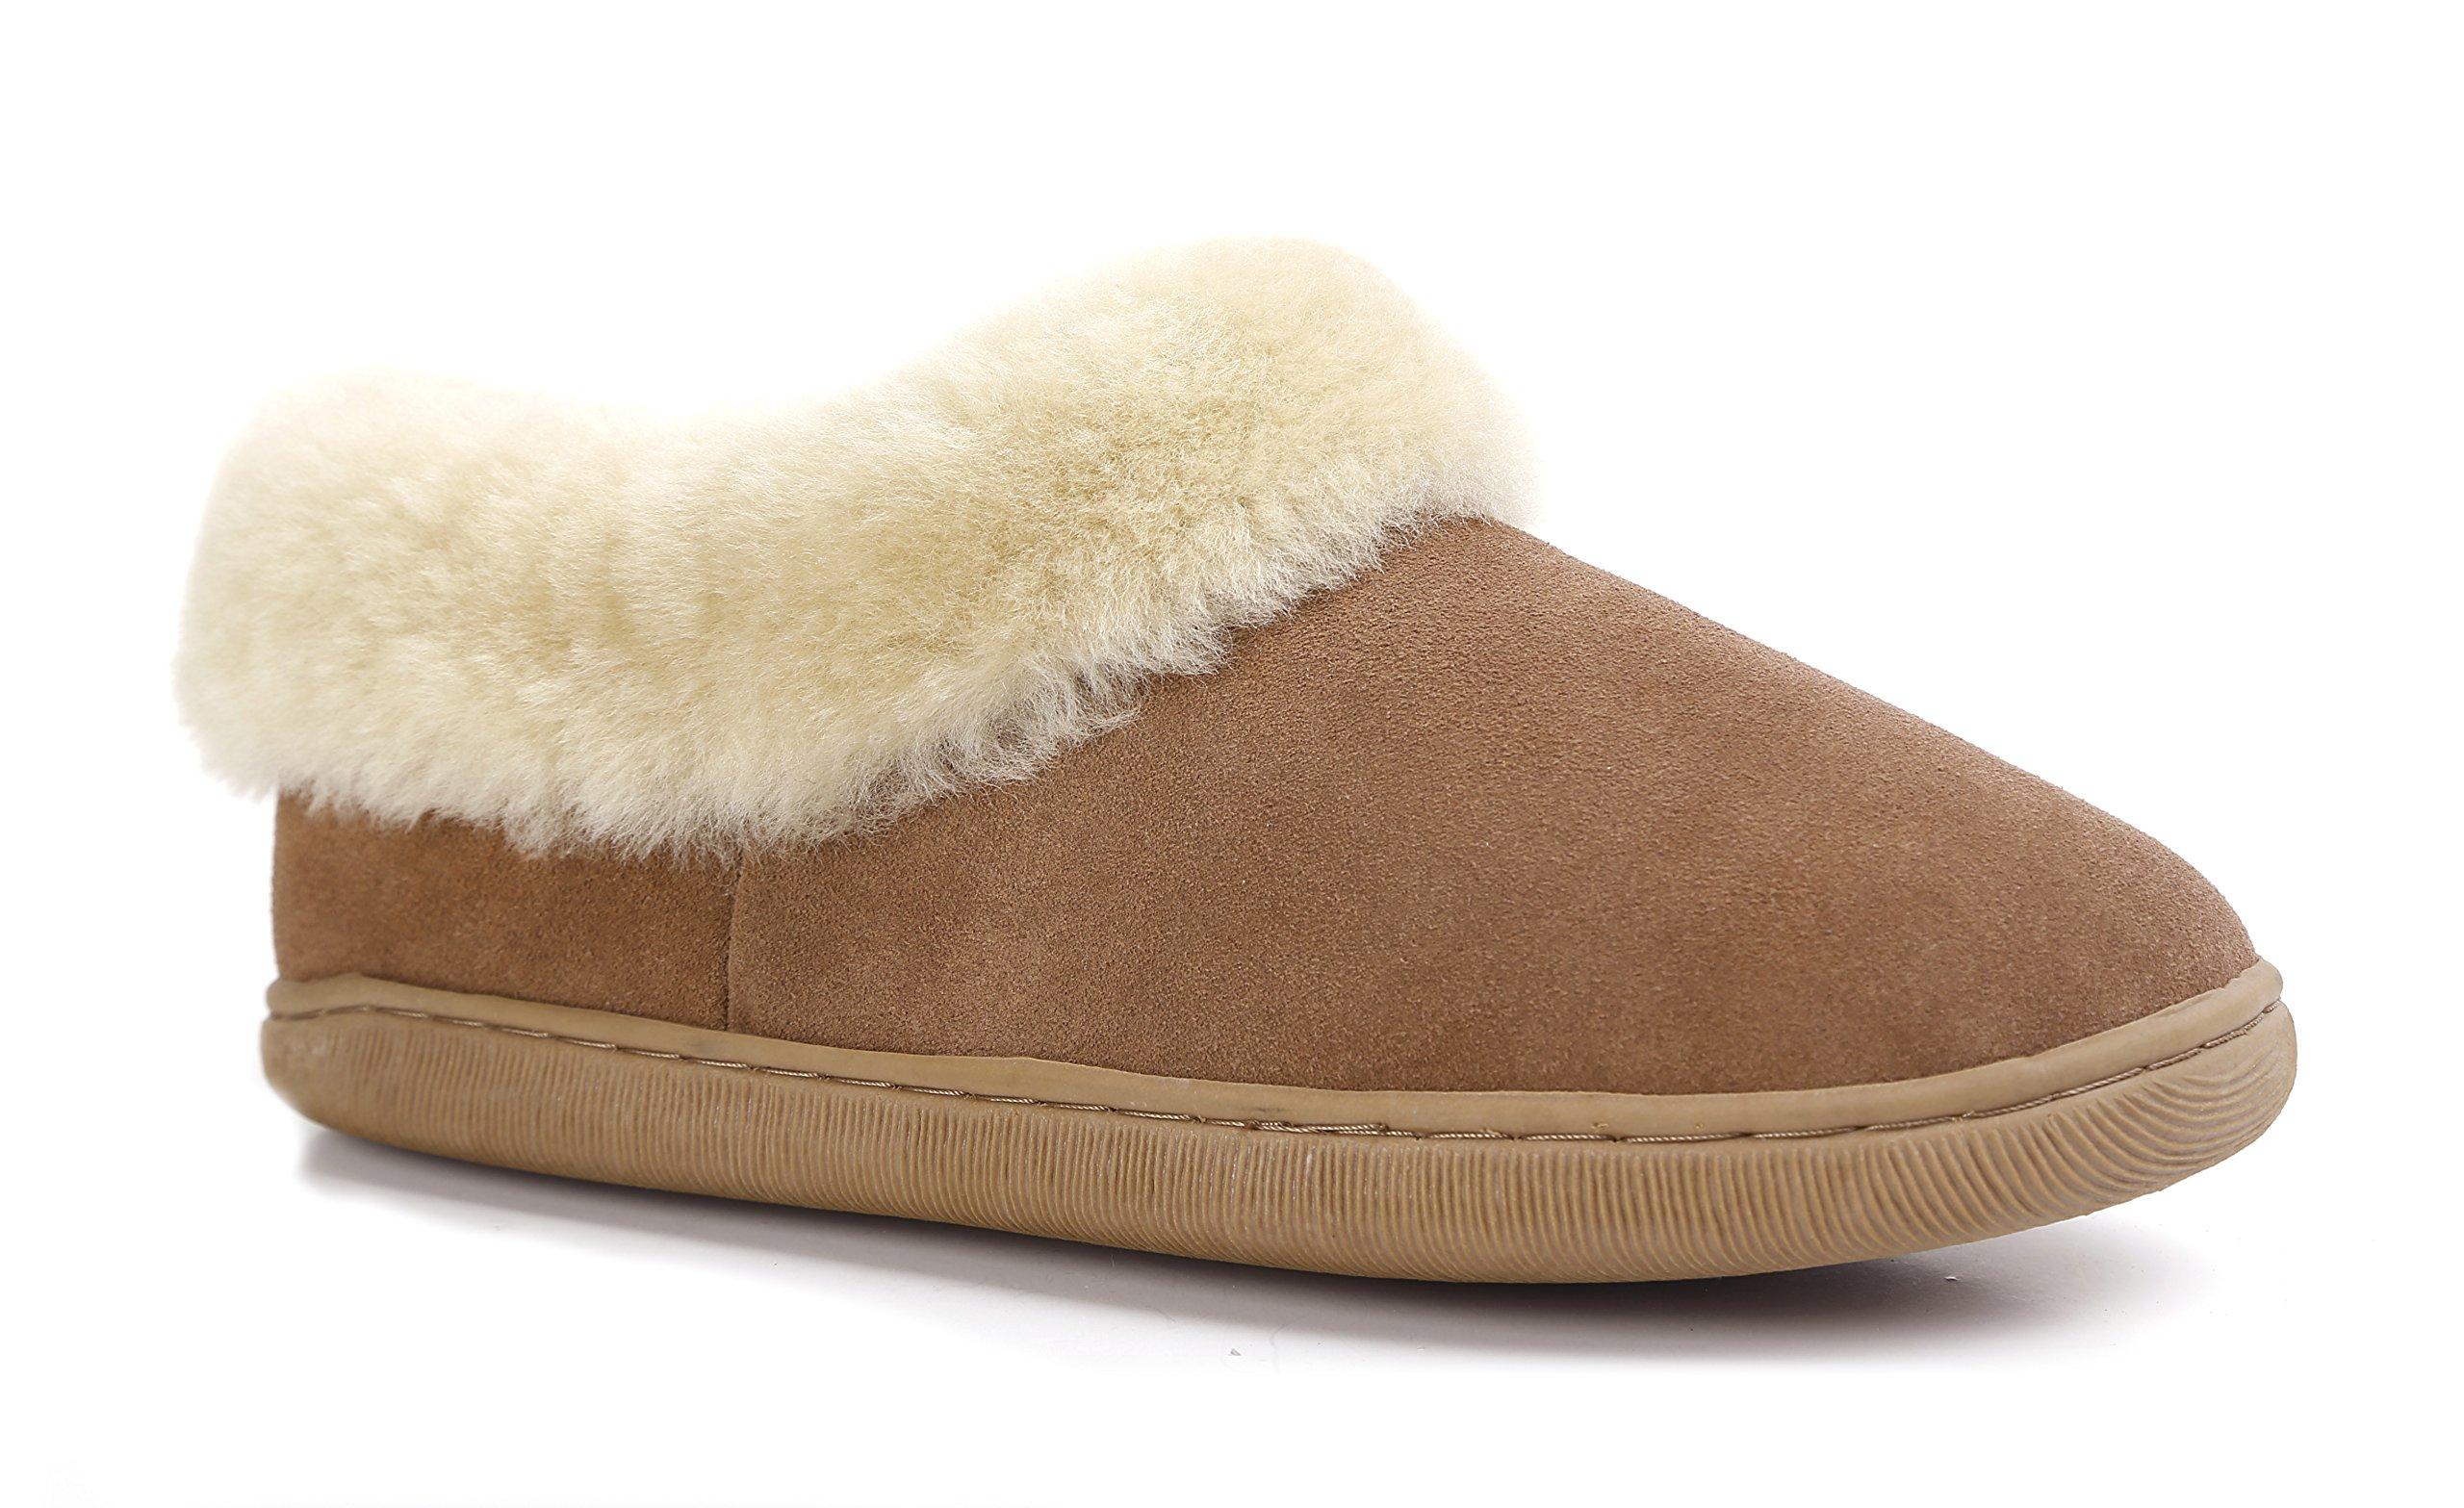 Lamb Men's Australian Sheepskin Outdoor Slippers (11, Chestnut)